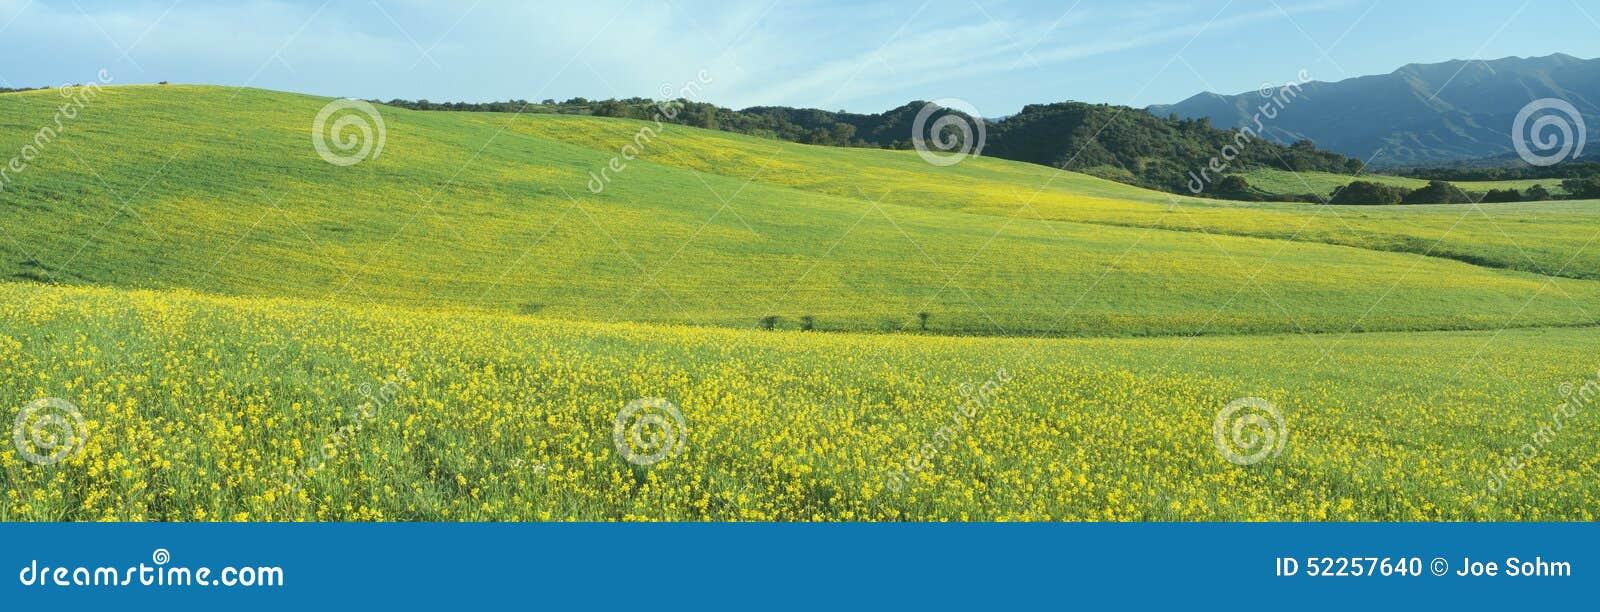 Wiosny pole, musztardy ziarno blisko Jeziornego Casitas, Kalifornia